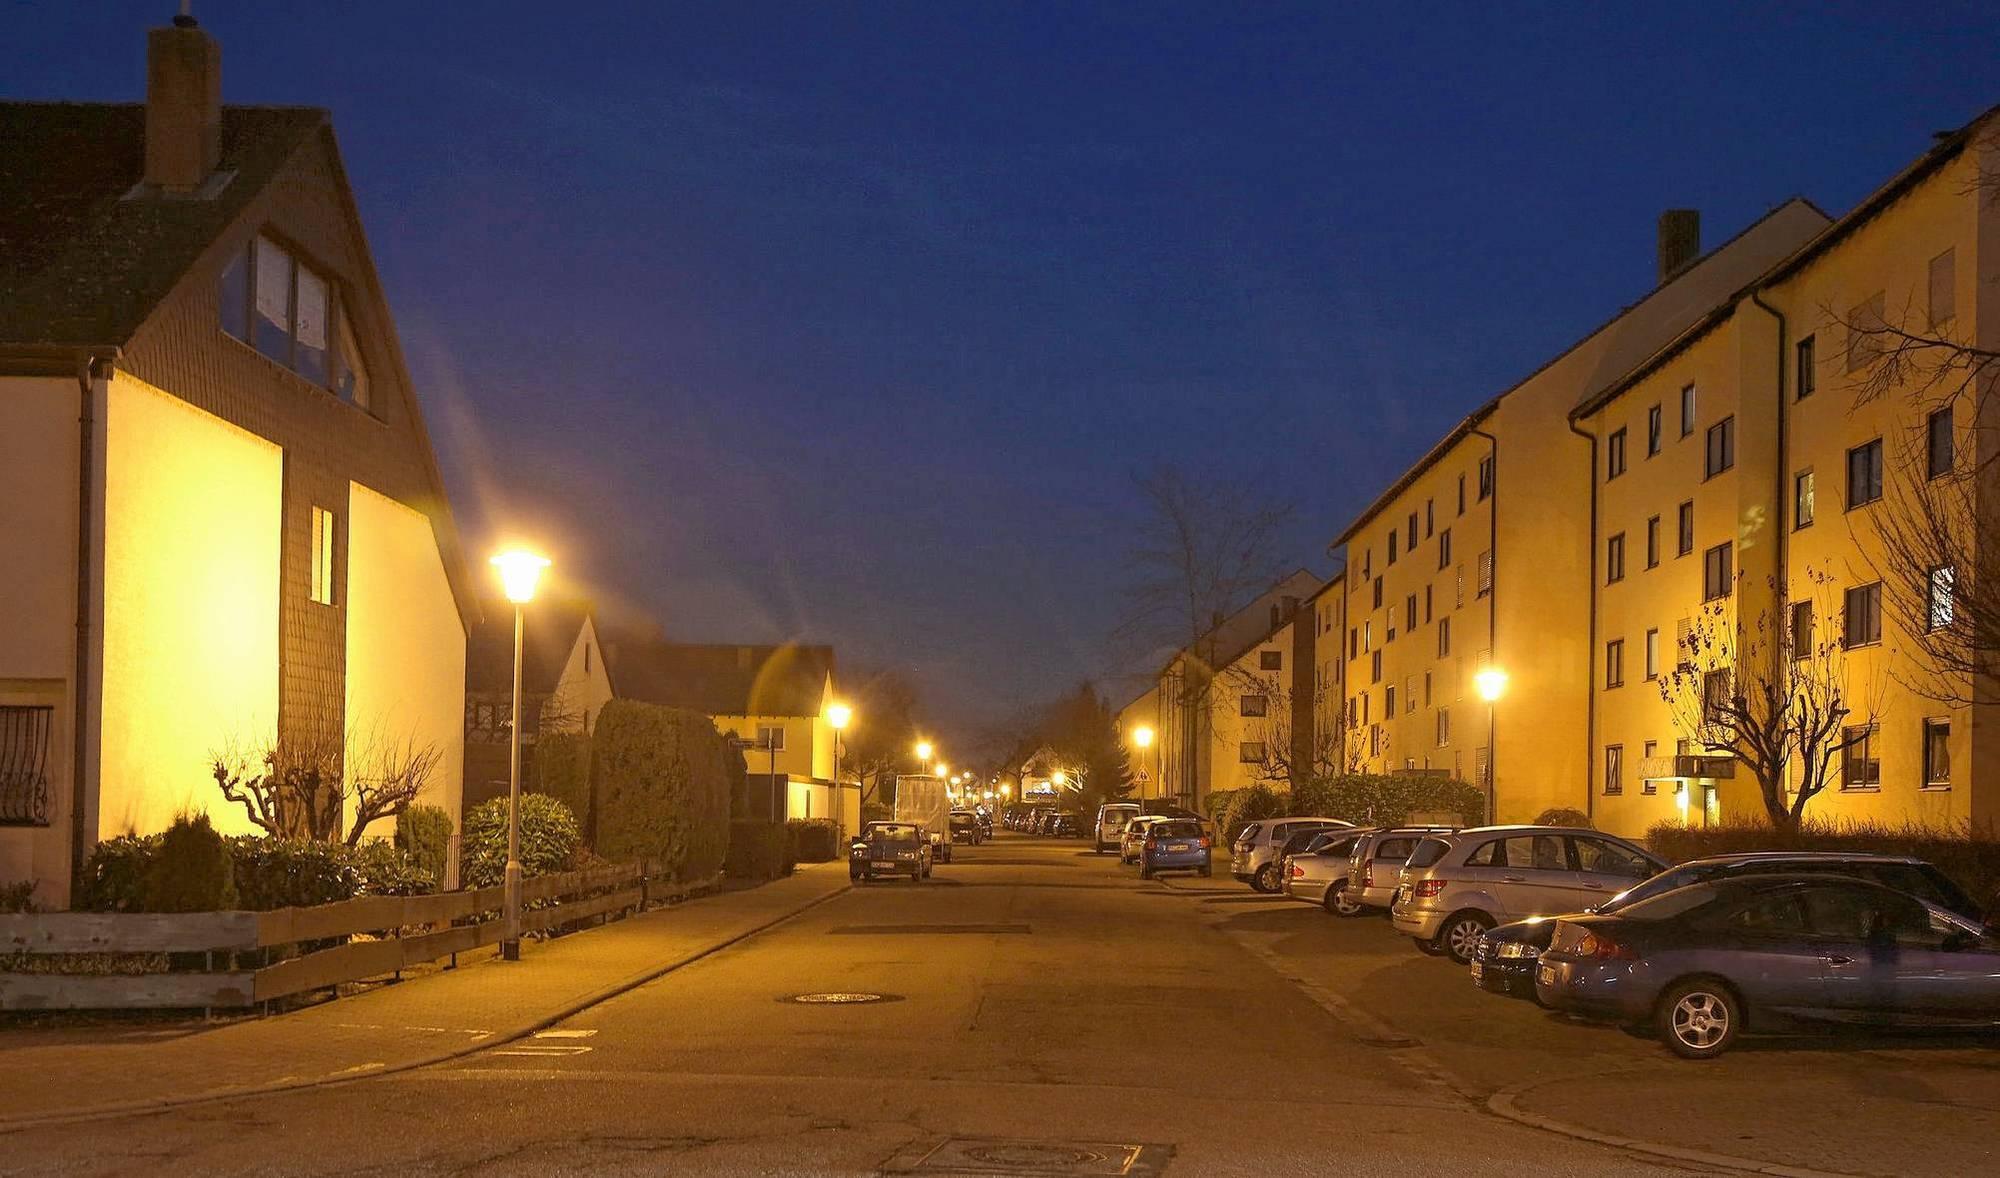 stadt tauscht alle lampen aus mannheim stadt mannheim. Black Bedroom Furniture Sets. Home Design Ideas